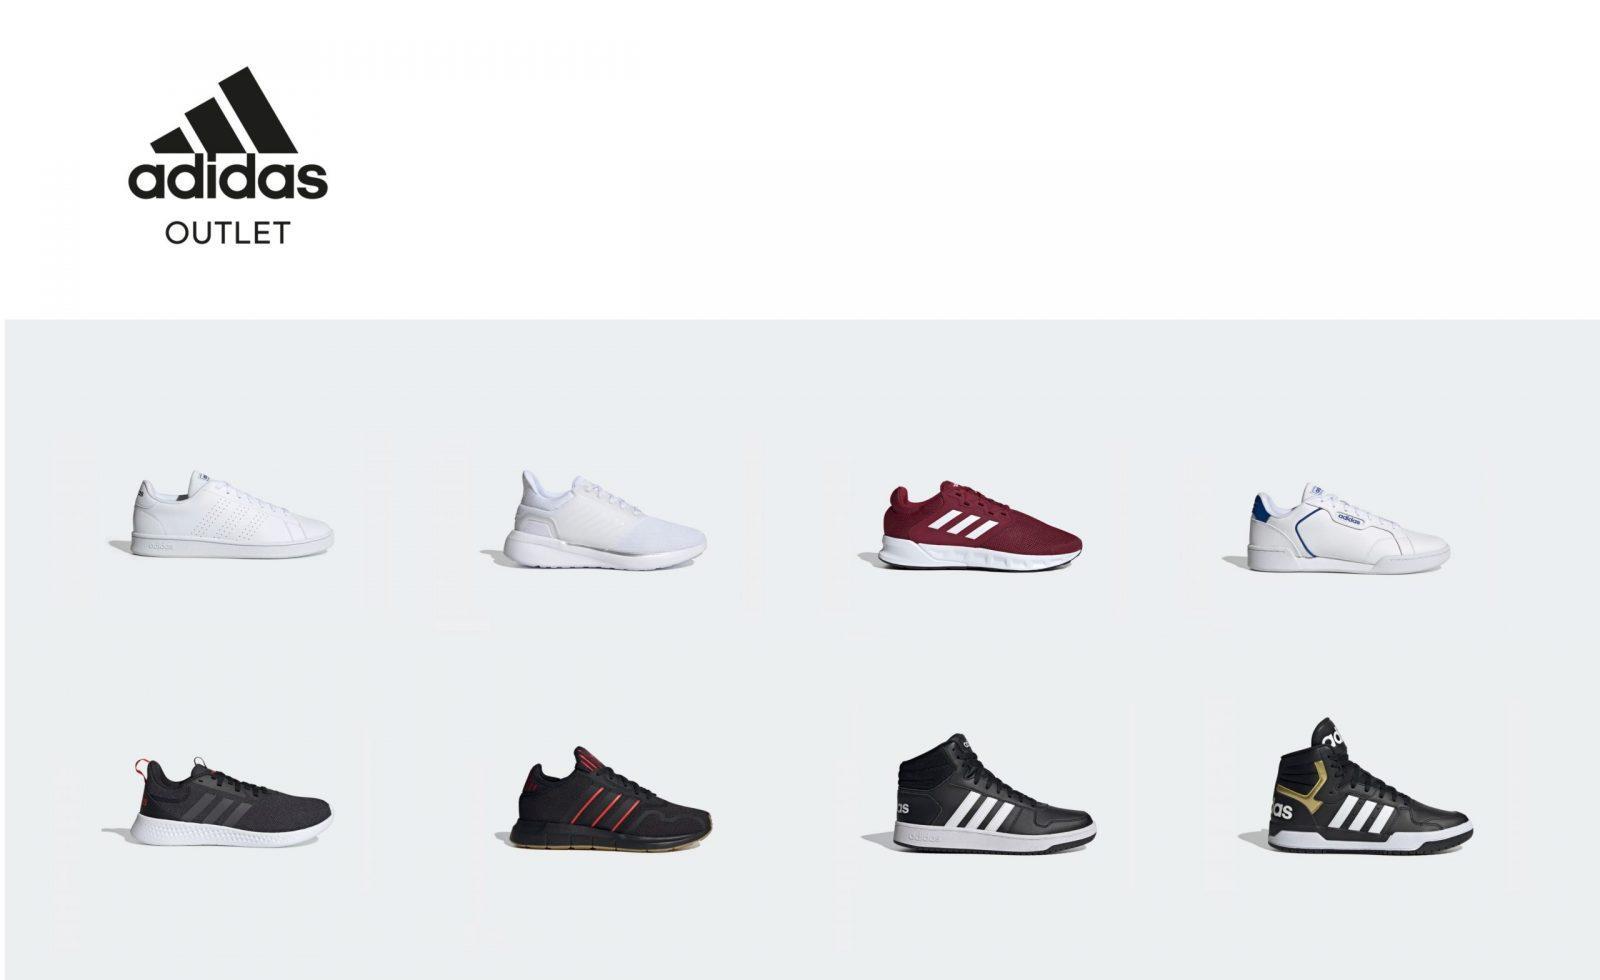 Подборка кроссовок из раздела Outlet магазина Adidas